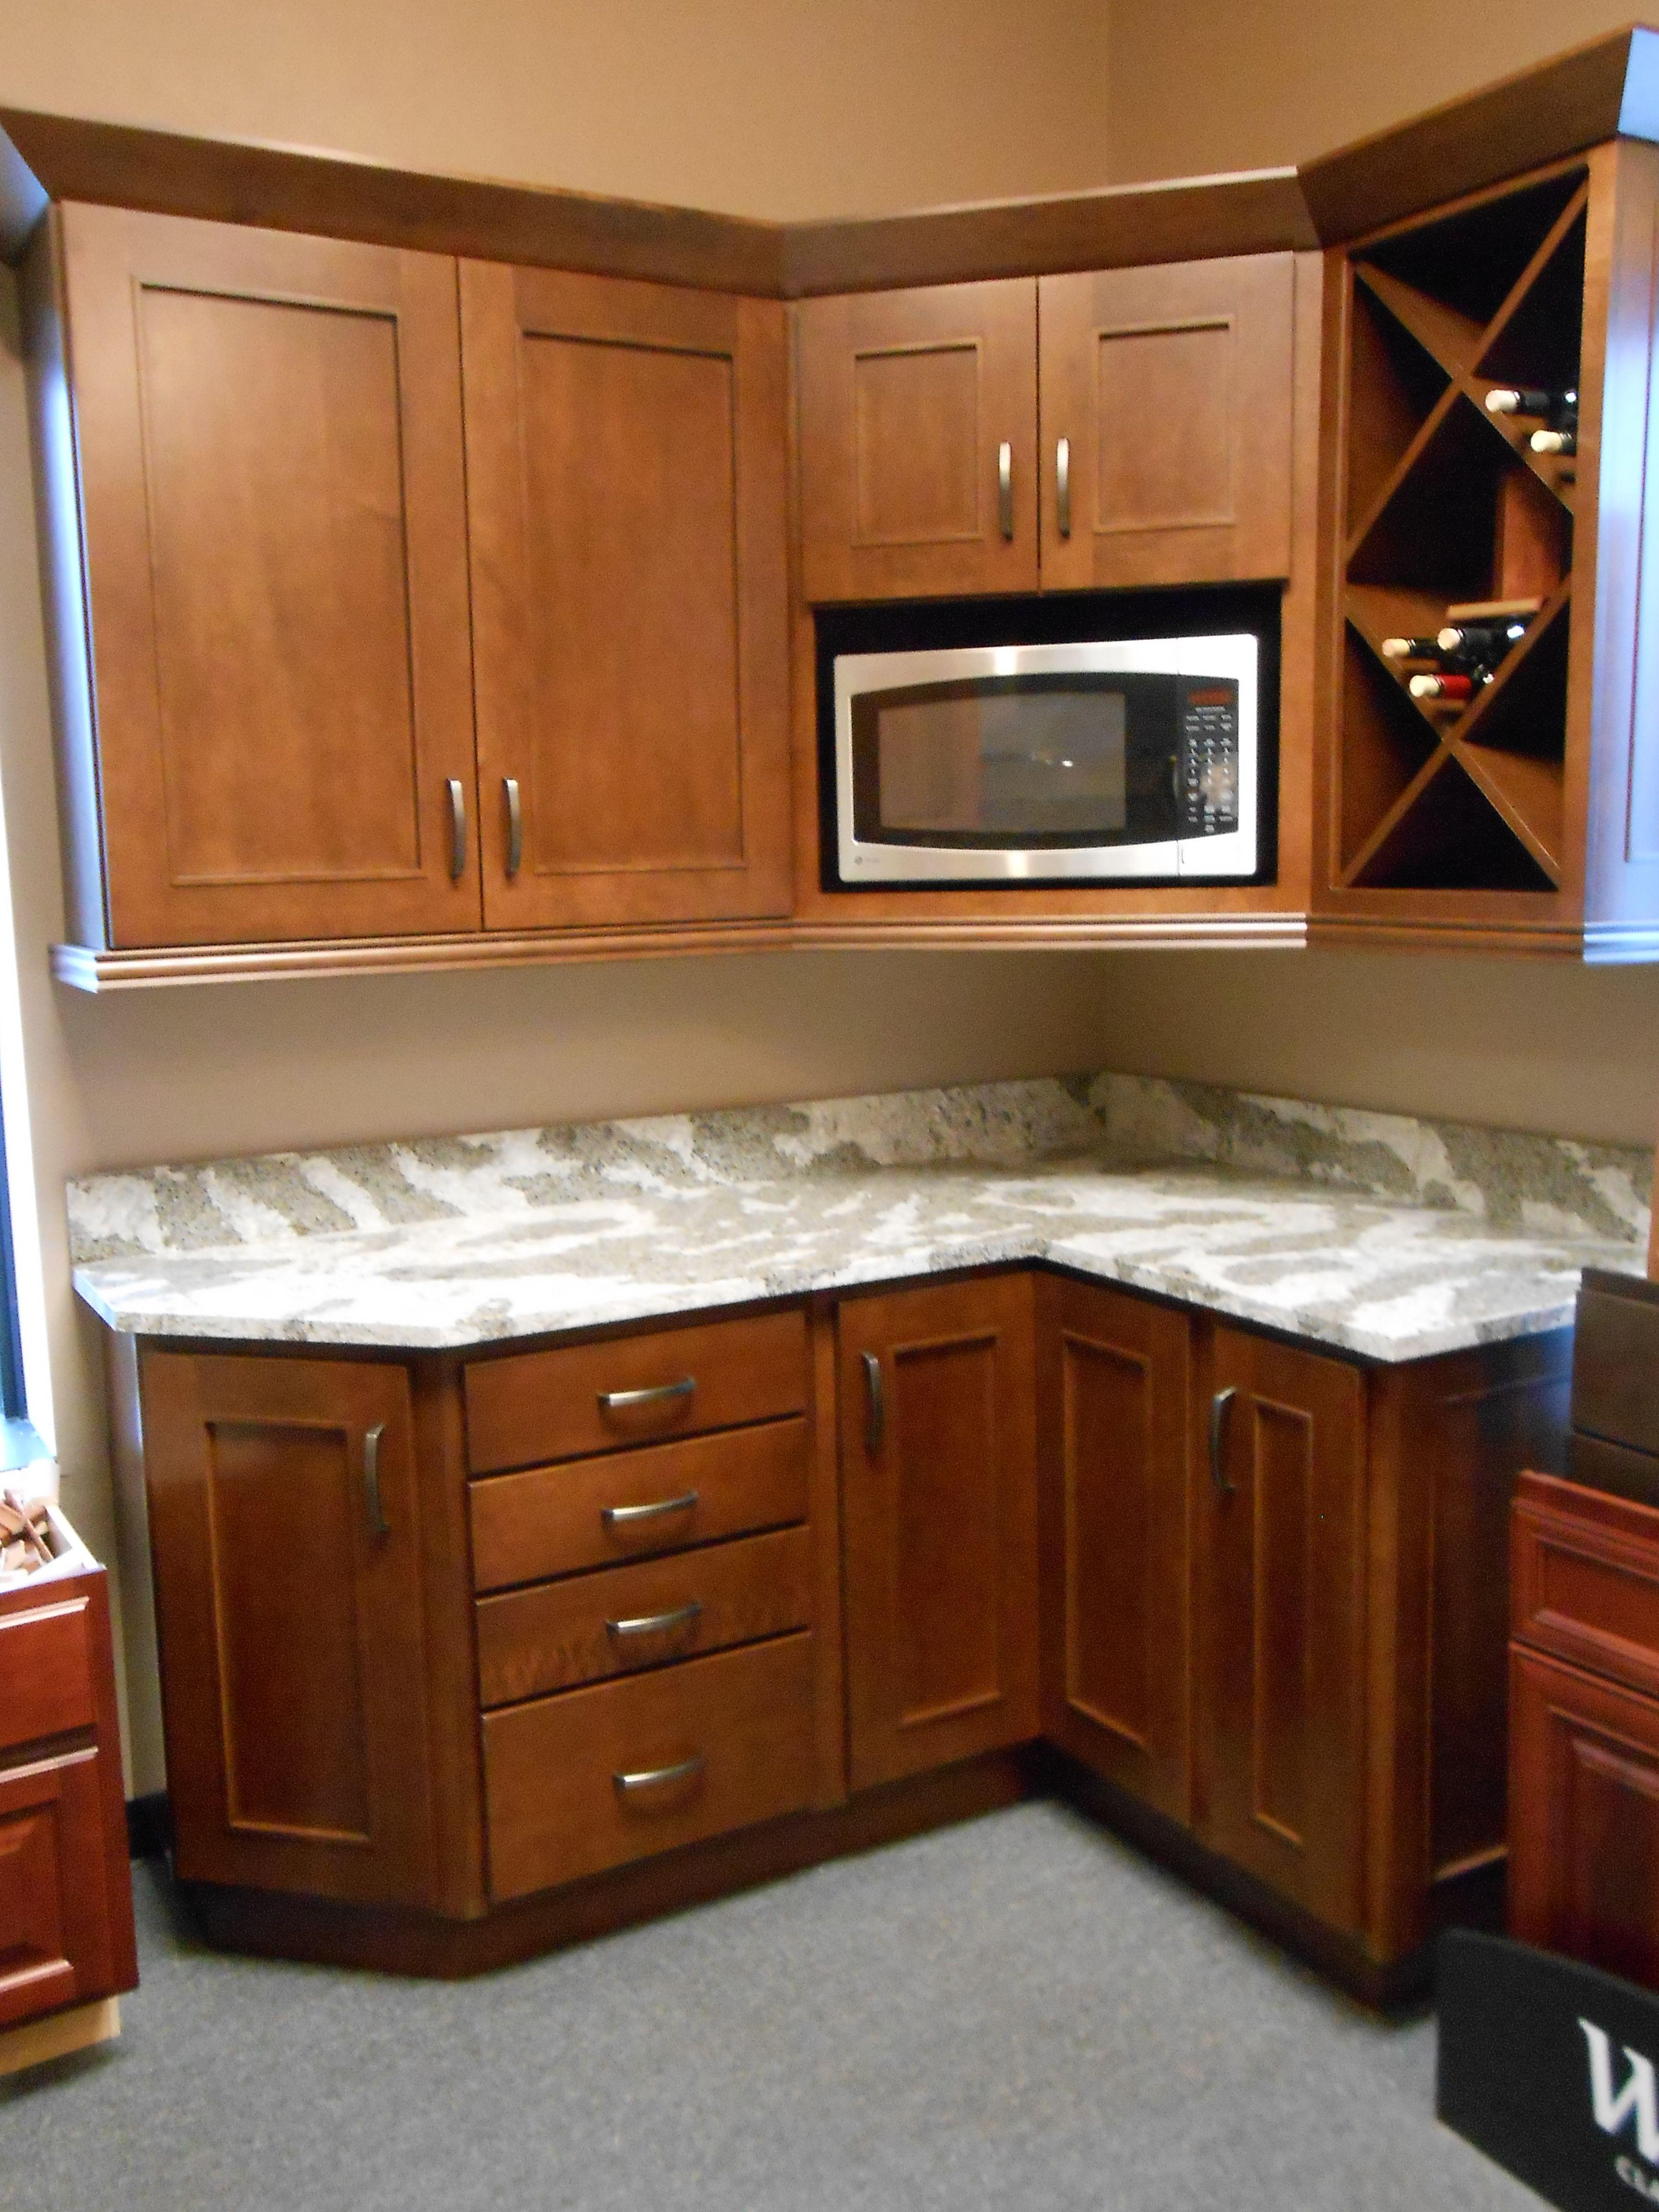 maple cabinet gallery kitchen dinning room kitchen cabinet design corner microwave on kitchen interior cabinets id=62622